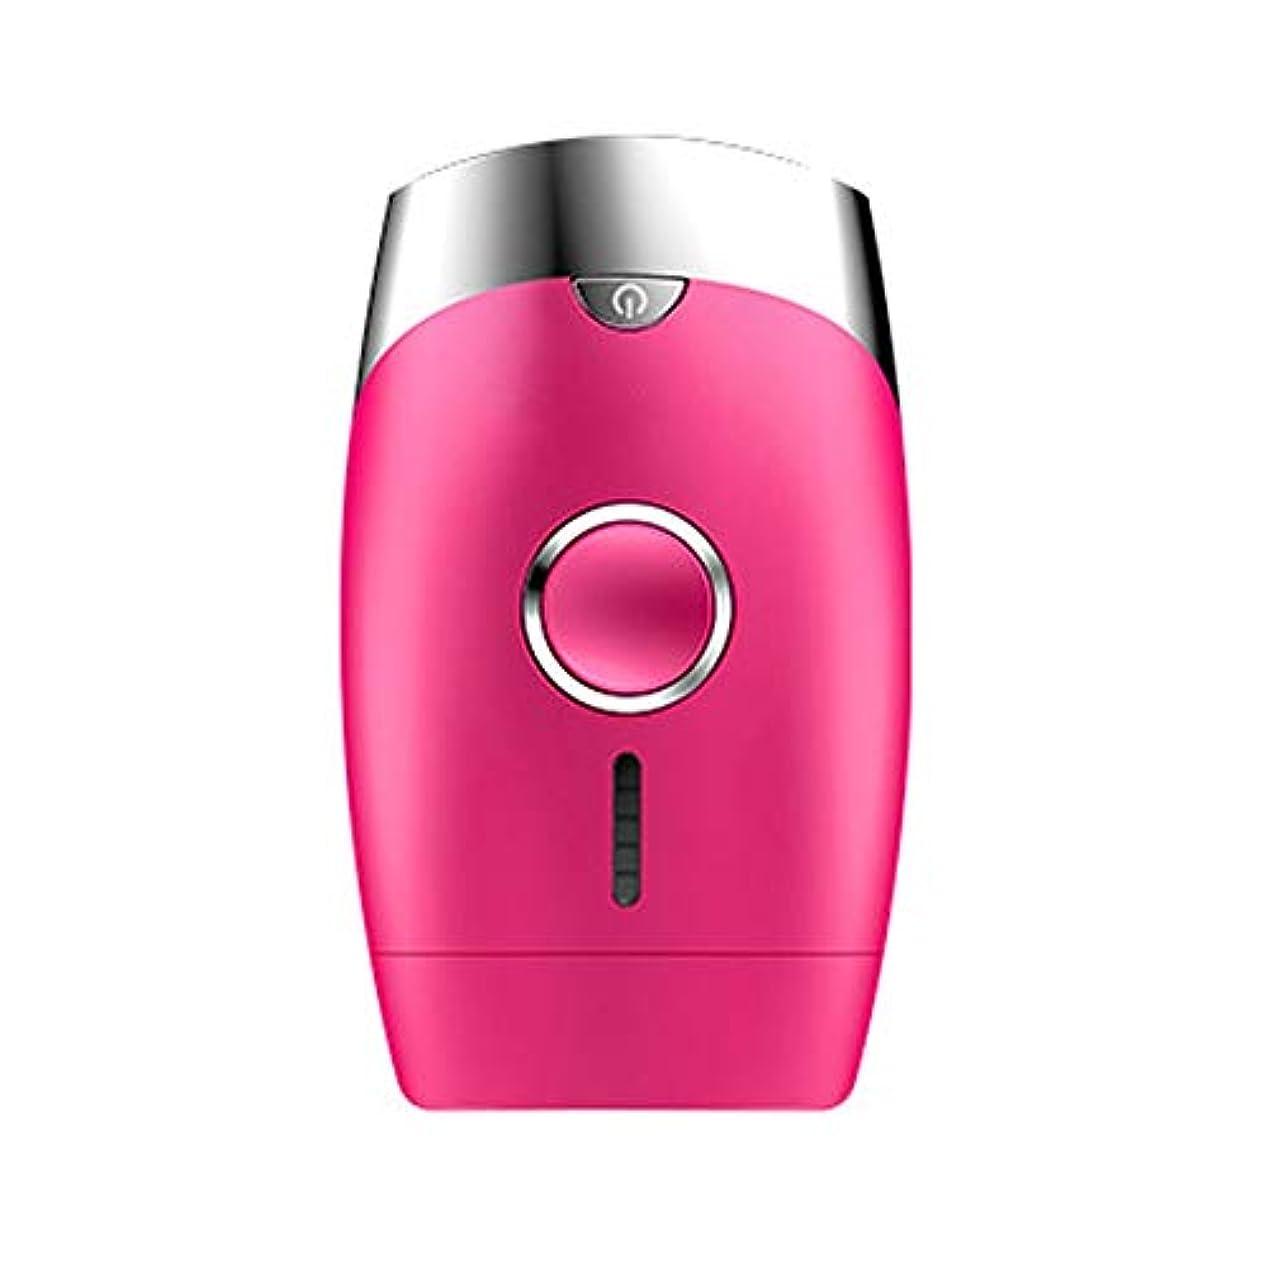 柔らかい足デッキ滴下ピンク、5スピード調整、インテリジェント家庭用痛みのない凝固点ヘアリムーバー、シングルフラッシュ/連続フラッシュ、サイズ13.9 X 8.3 X 4.8 Cm 髪以外はきれい (Color : Pink)